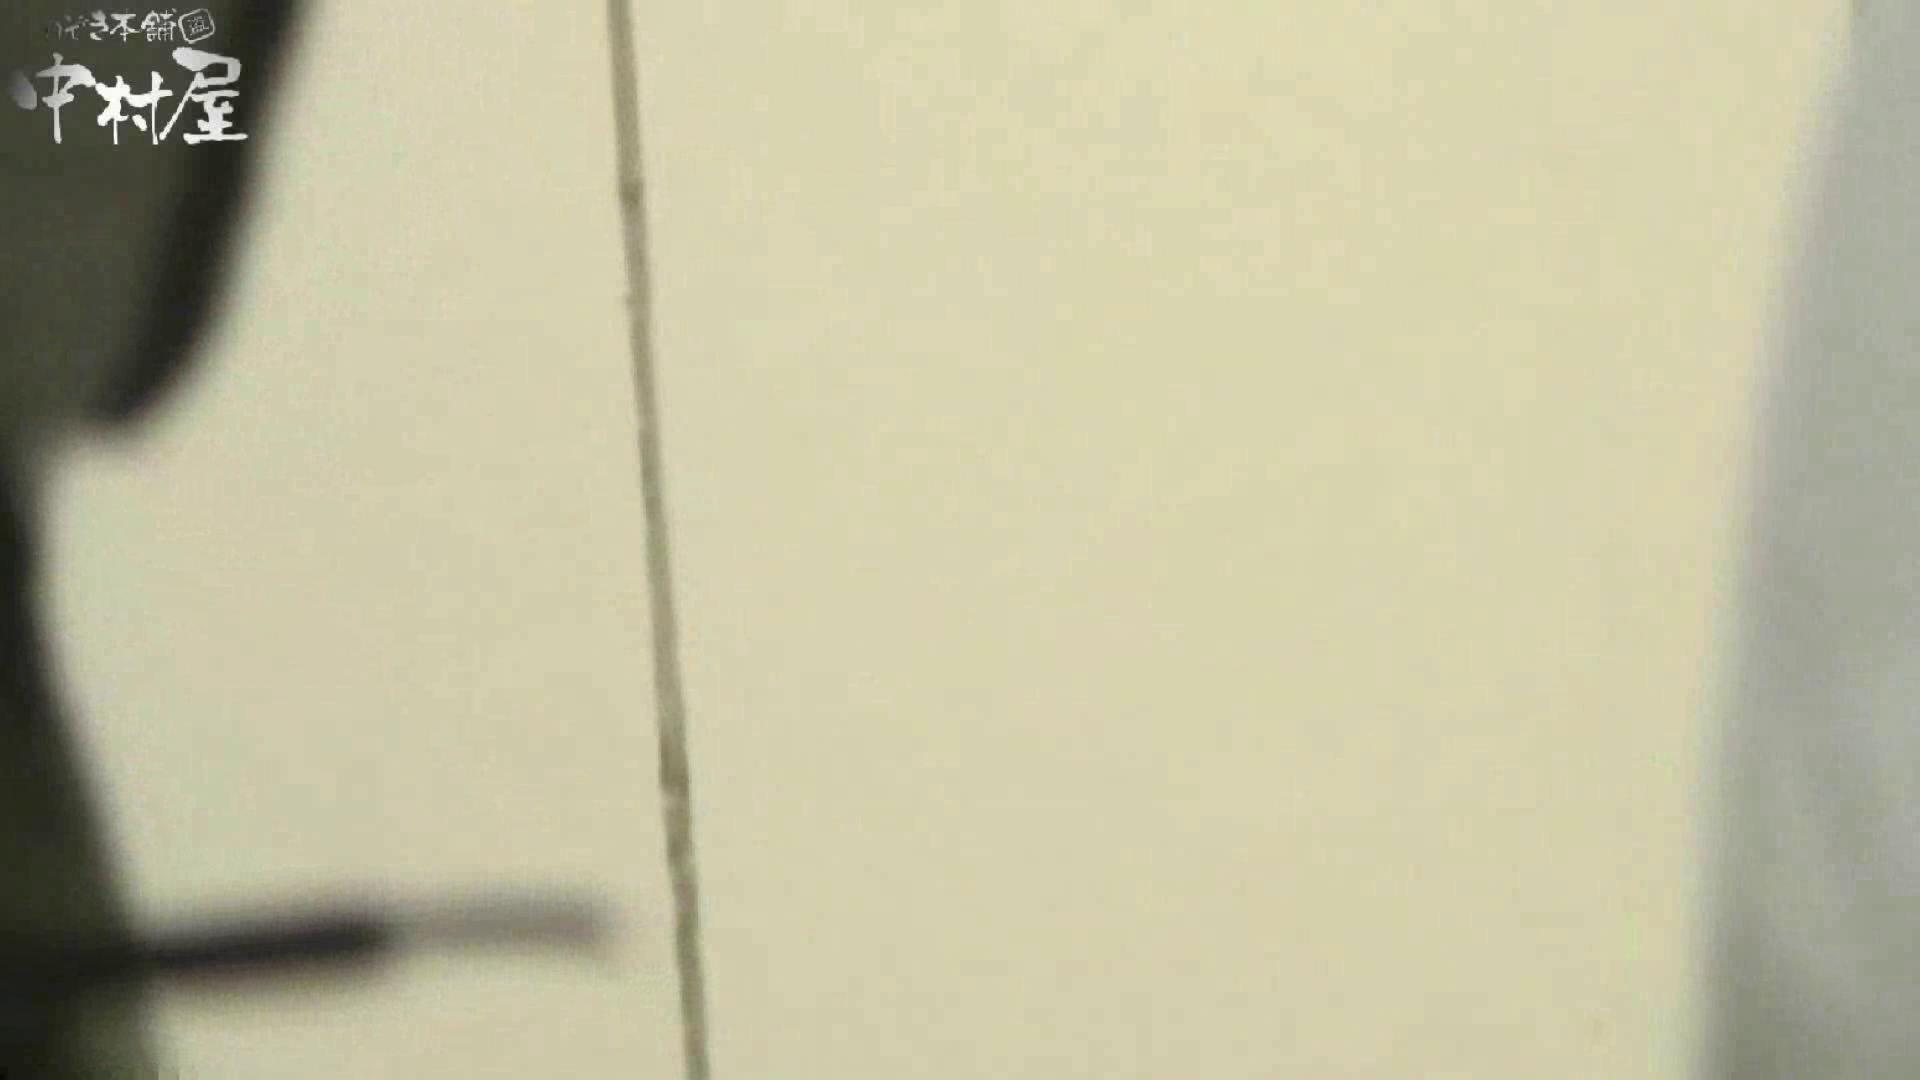 解禁!海の家4カメ洗面所vol.20 現役ギャル セックス画像 89pic 62